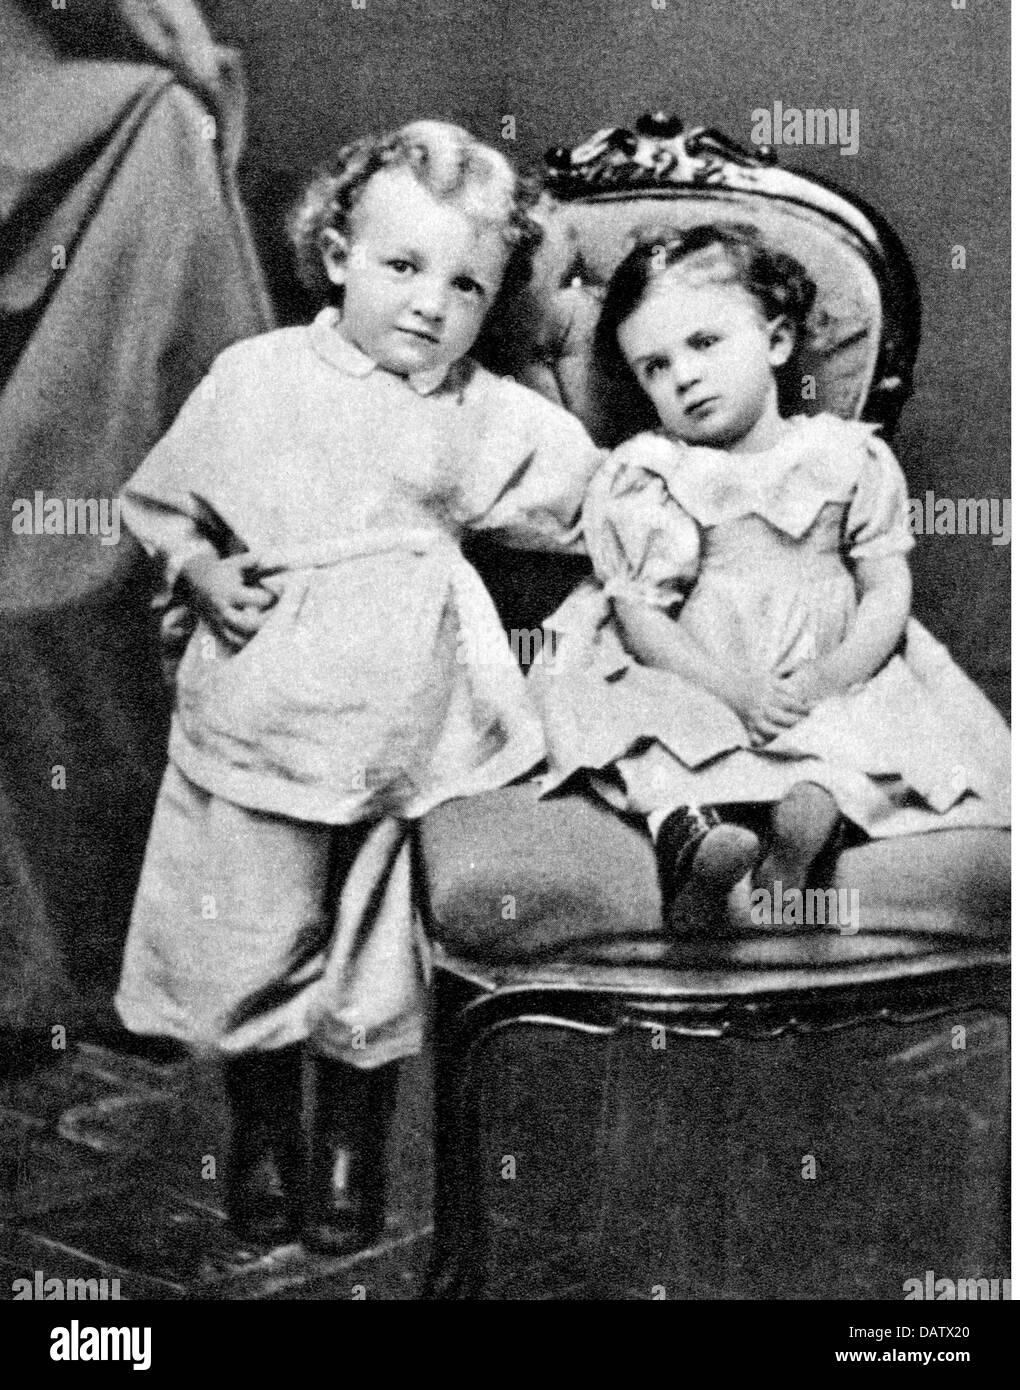 Lénine (Vladimir Ilitch Oulianov), 22.4.1870 - 21.1.1924, homme politique russe, demi-longueur, comme un enfant, Photo Stock